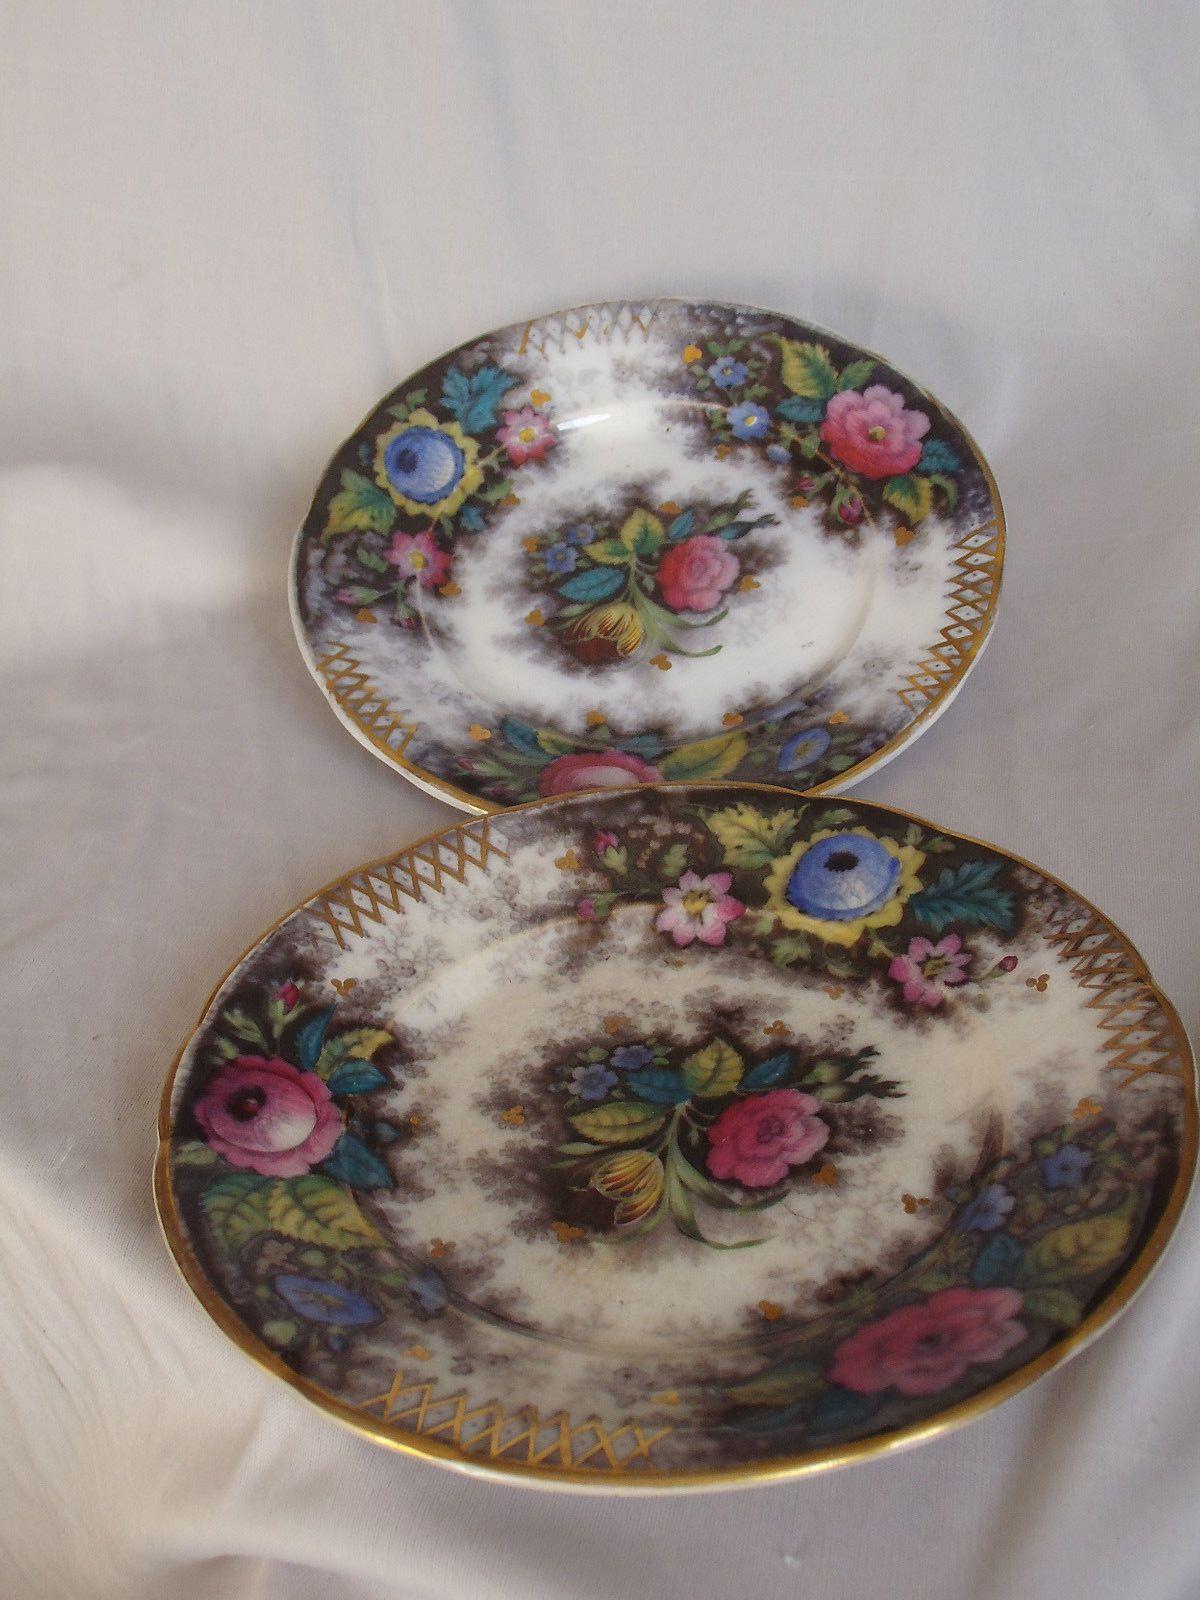 ae1cae552ed24e2ec974c1a41bda0731 Luxus Villeroy Und Boch Keramik Dekorationen